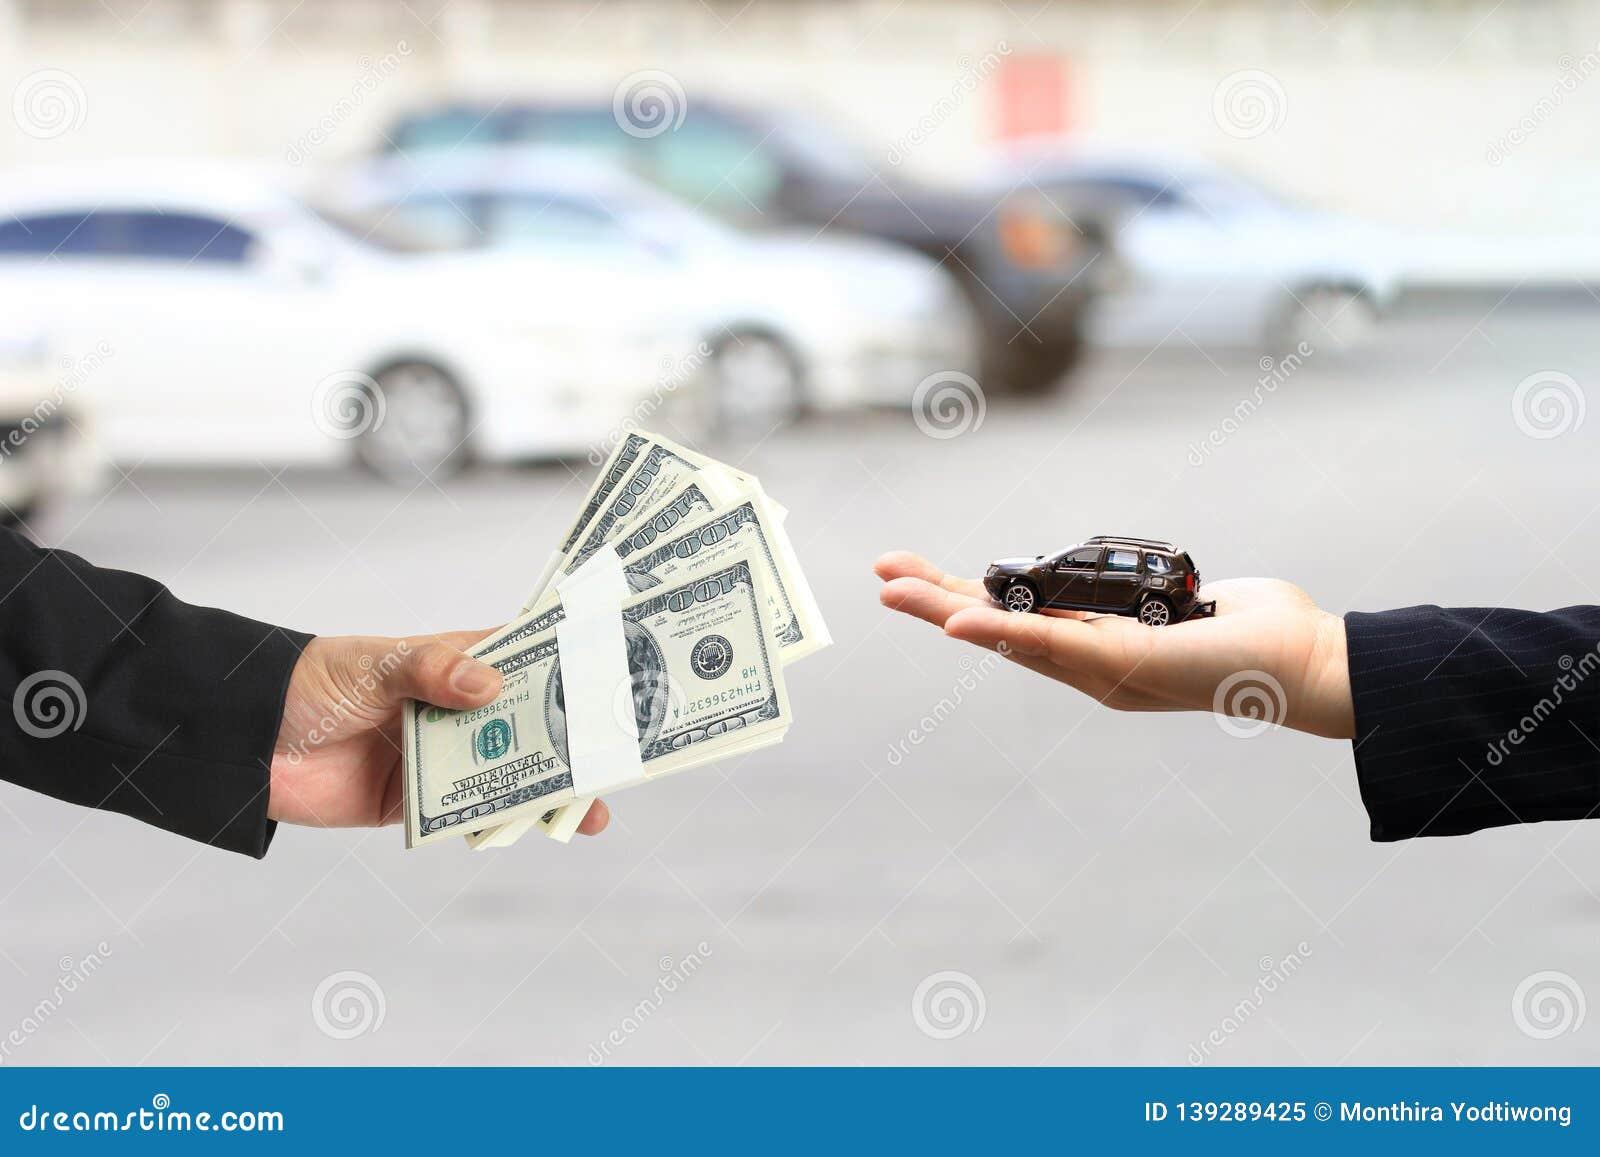 El hombre de negocios dio el dinero a la empresaria o a la dependienta que llevaba a cabo el modelo miniatura del coche, negocio